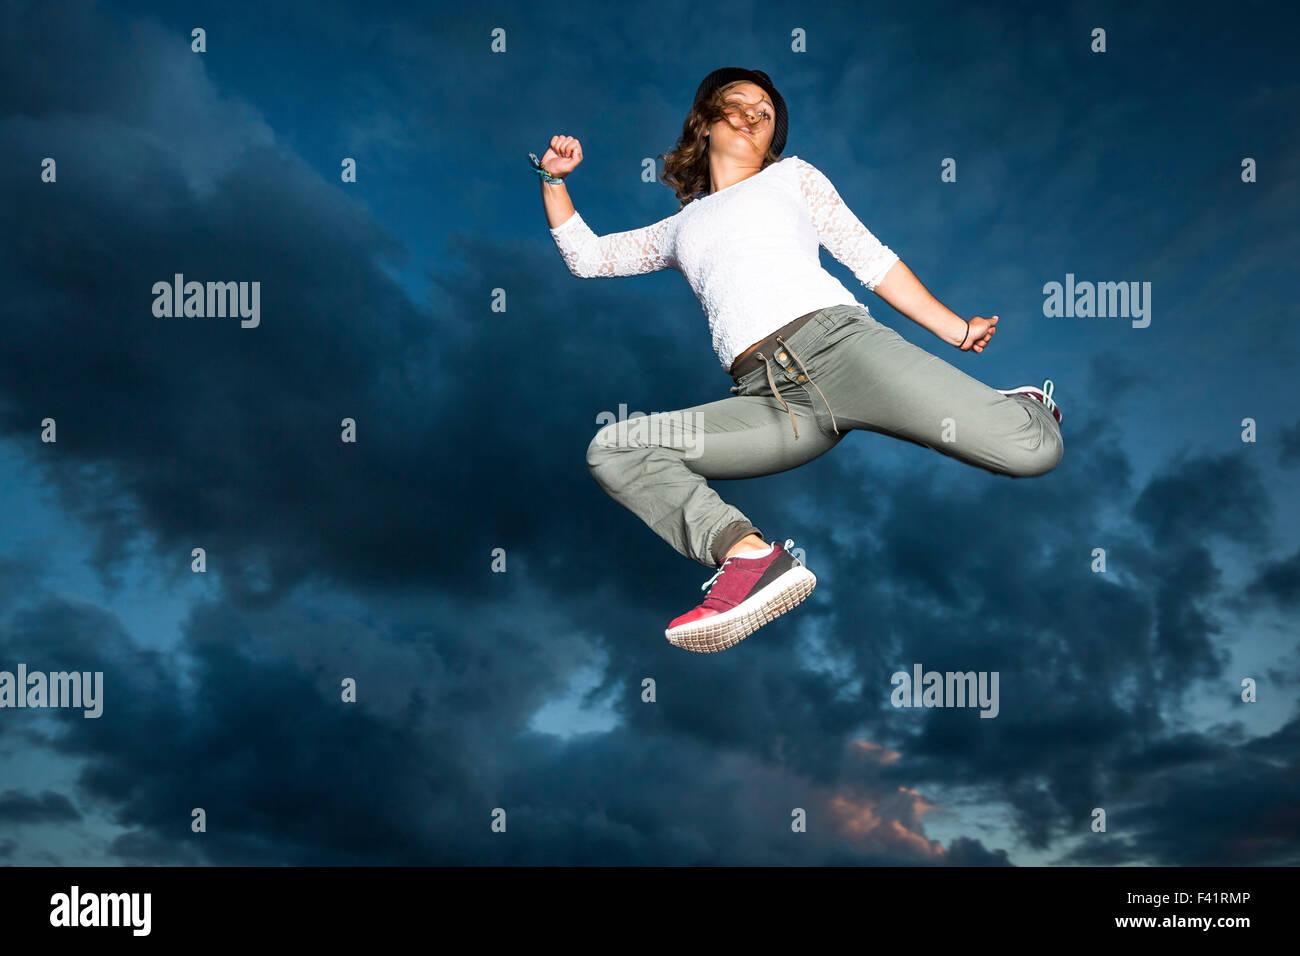 Giovane donna, 19 anni, saltando, a mezz aria contro il cielo di sera Immagini Stock